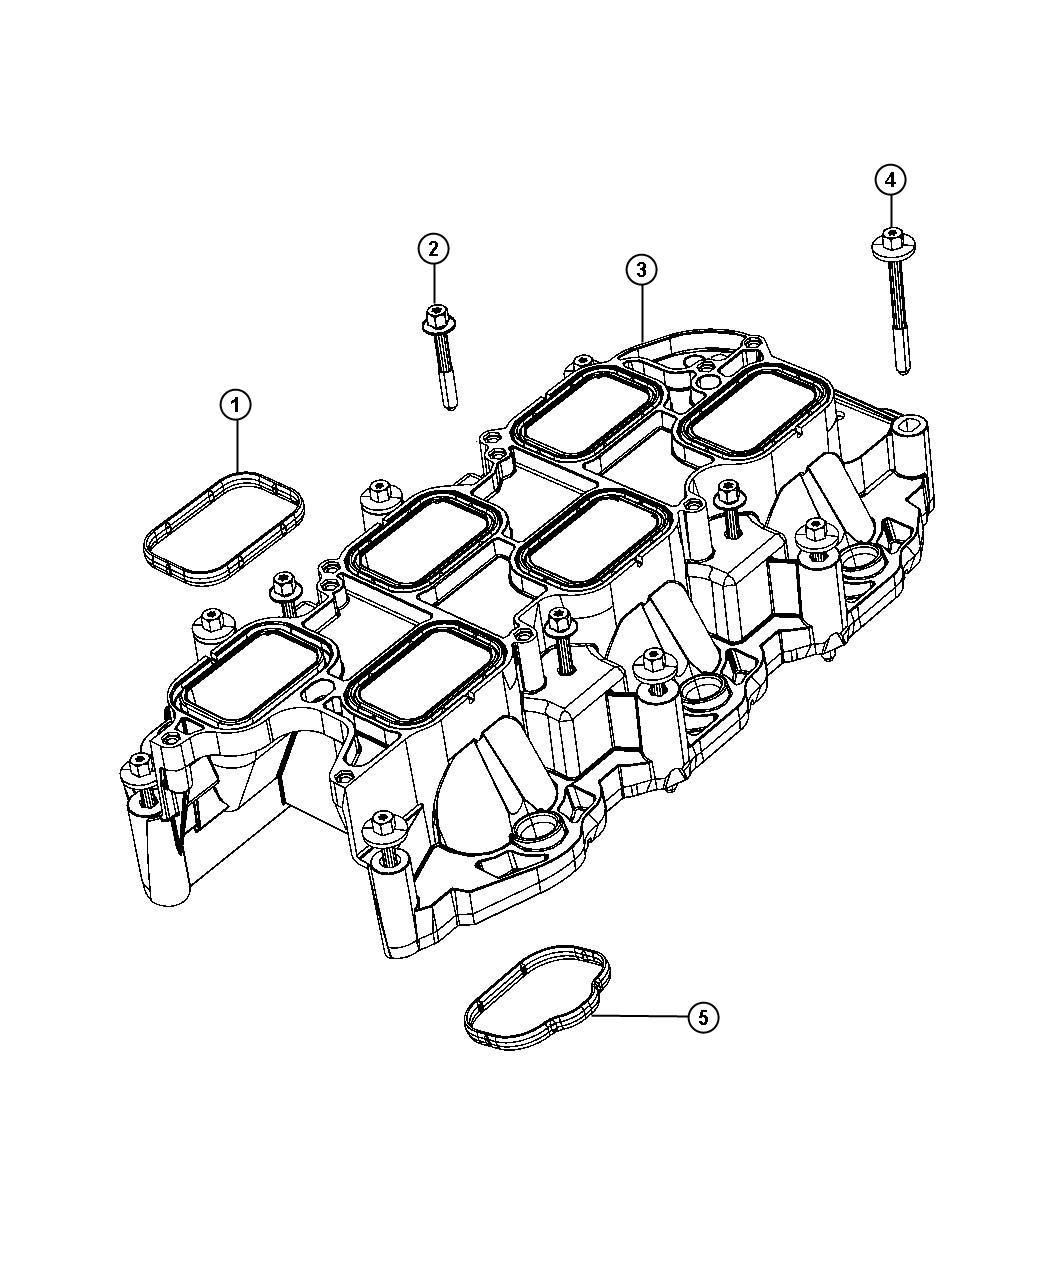 Jeep Wrangler Gasket Intake Plenum Mounting Manifold